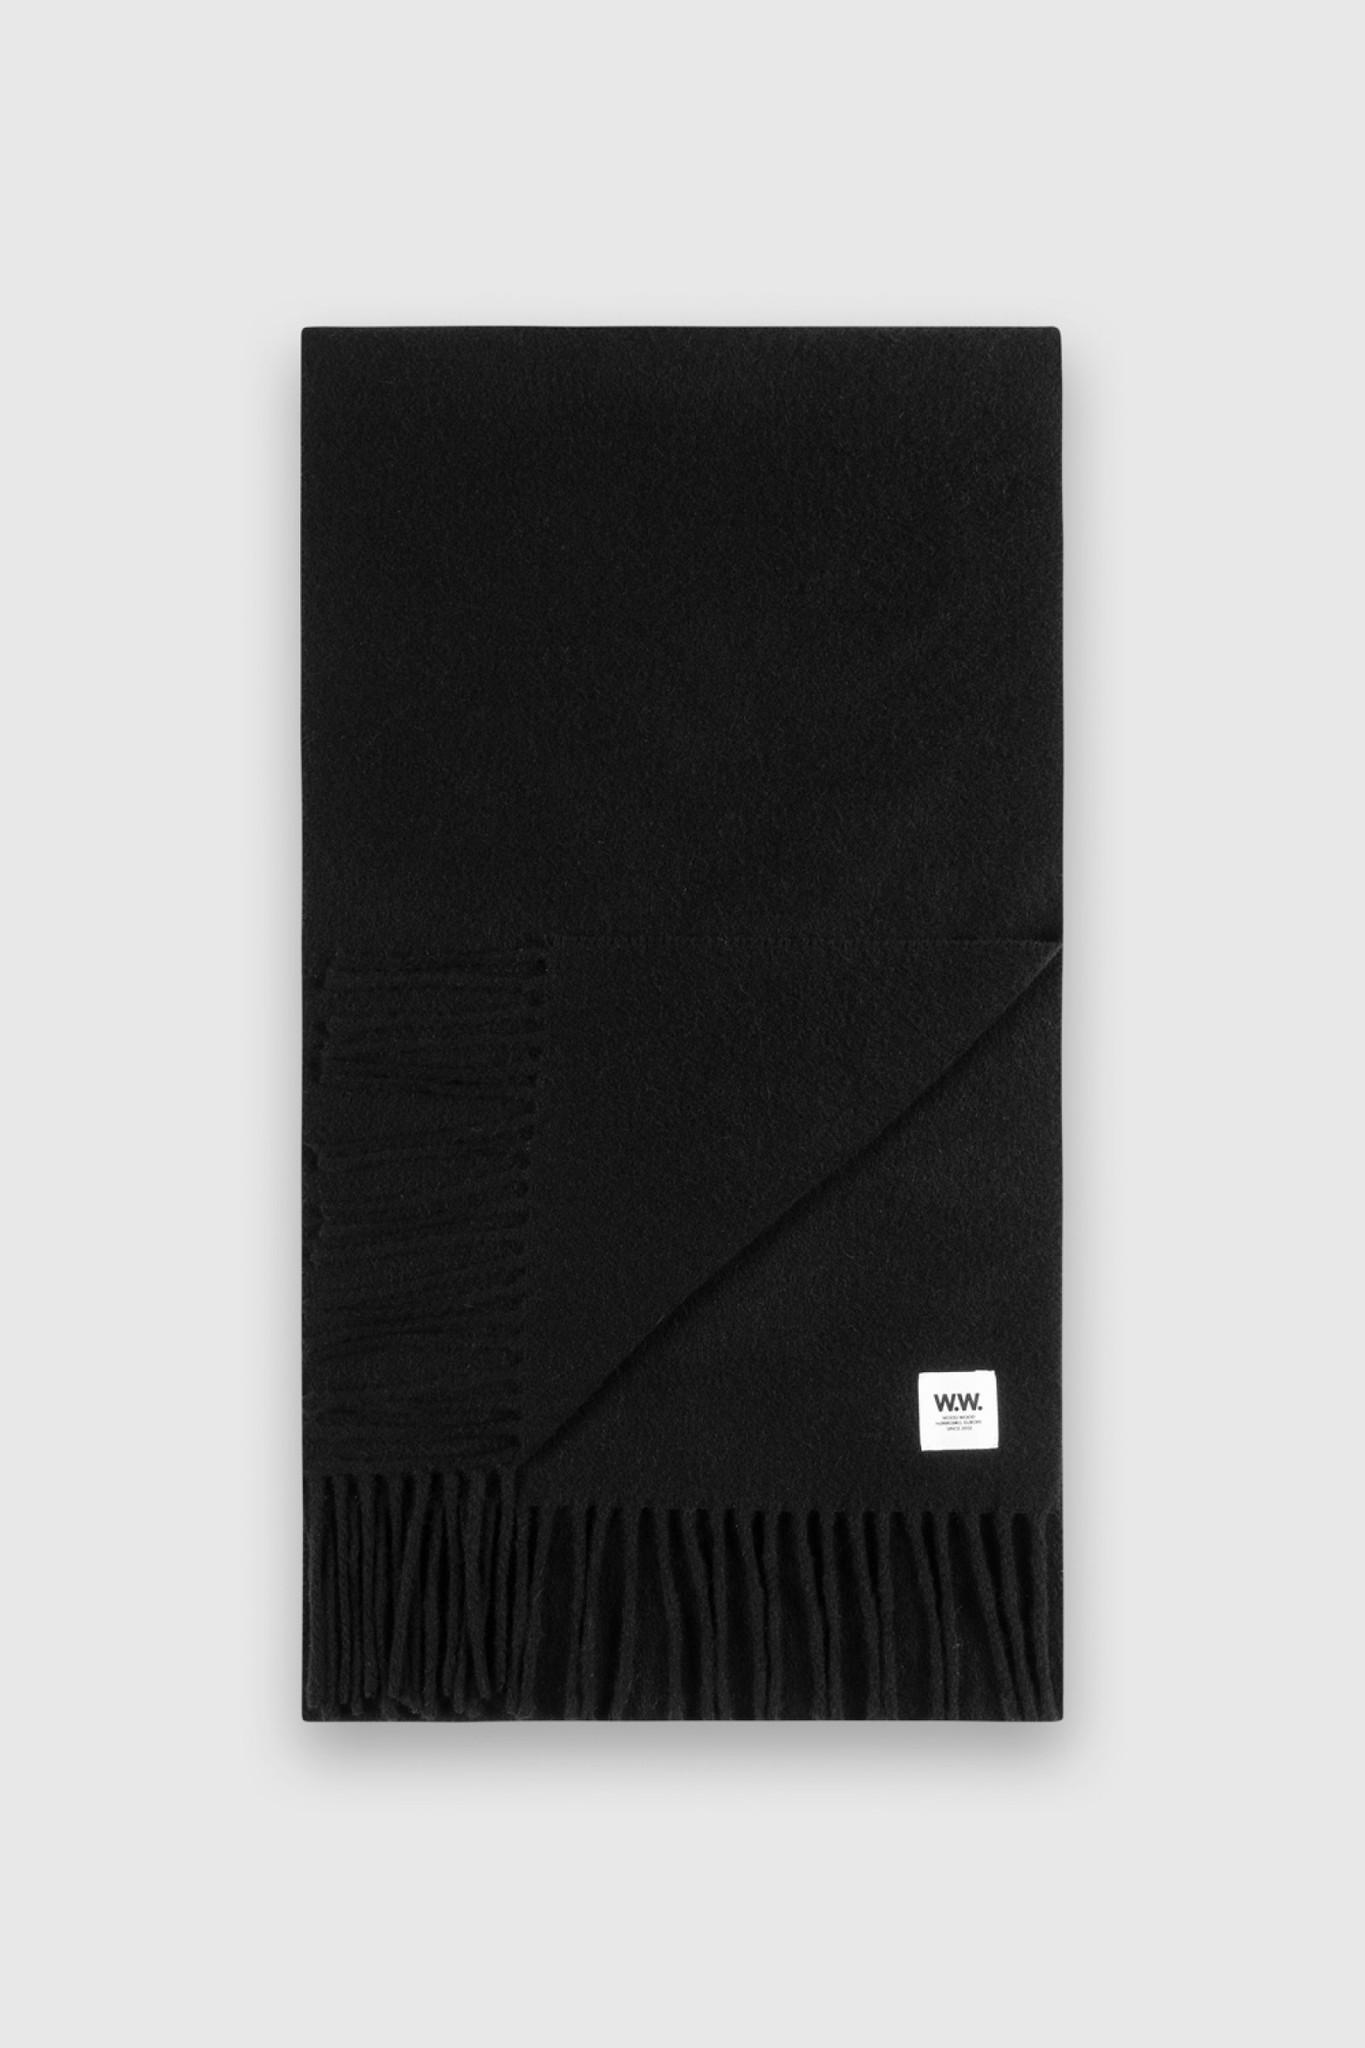 karlo Scarf Black Wool-1